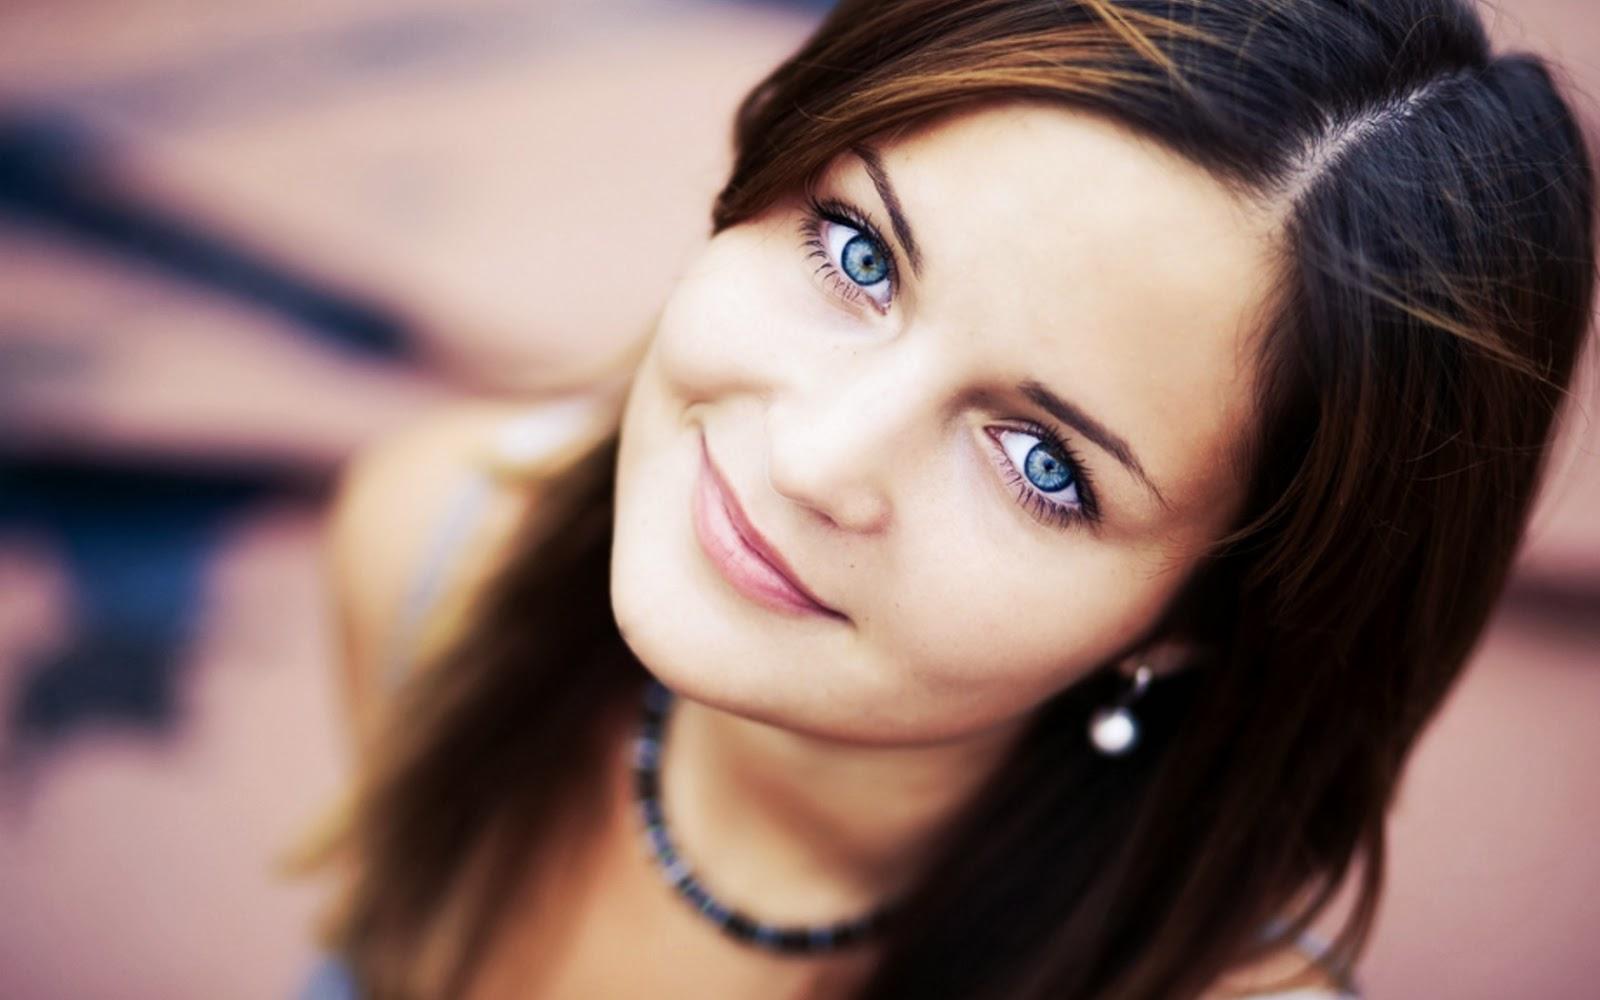 صورة صور بنات جميله جدا , صور جميله للفتيات